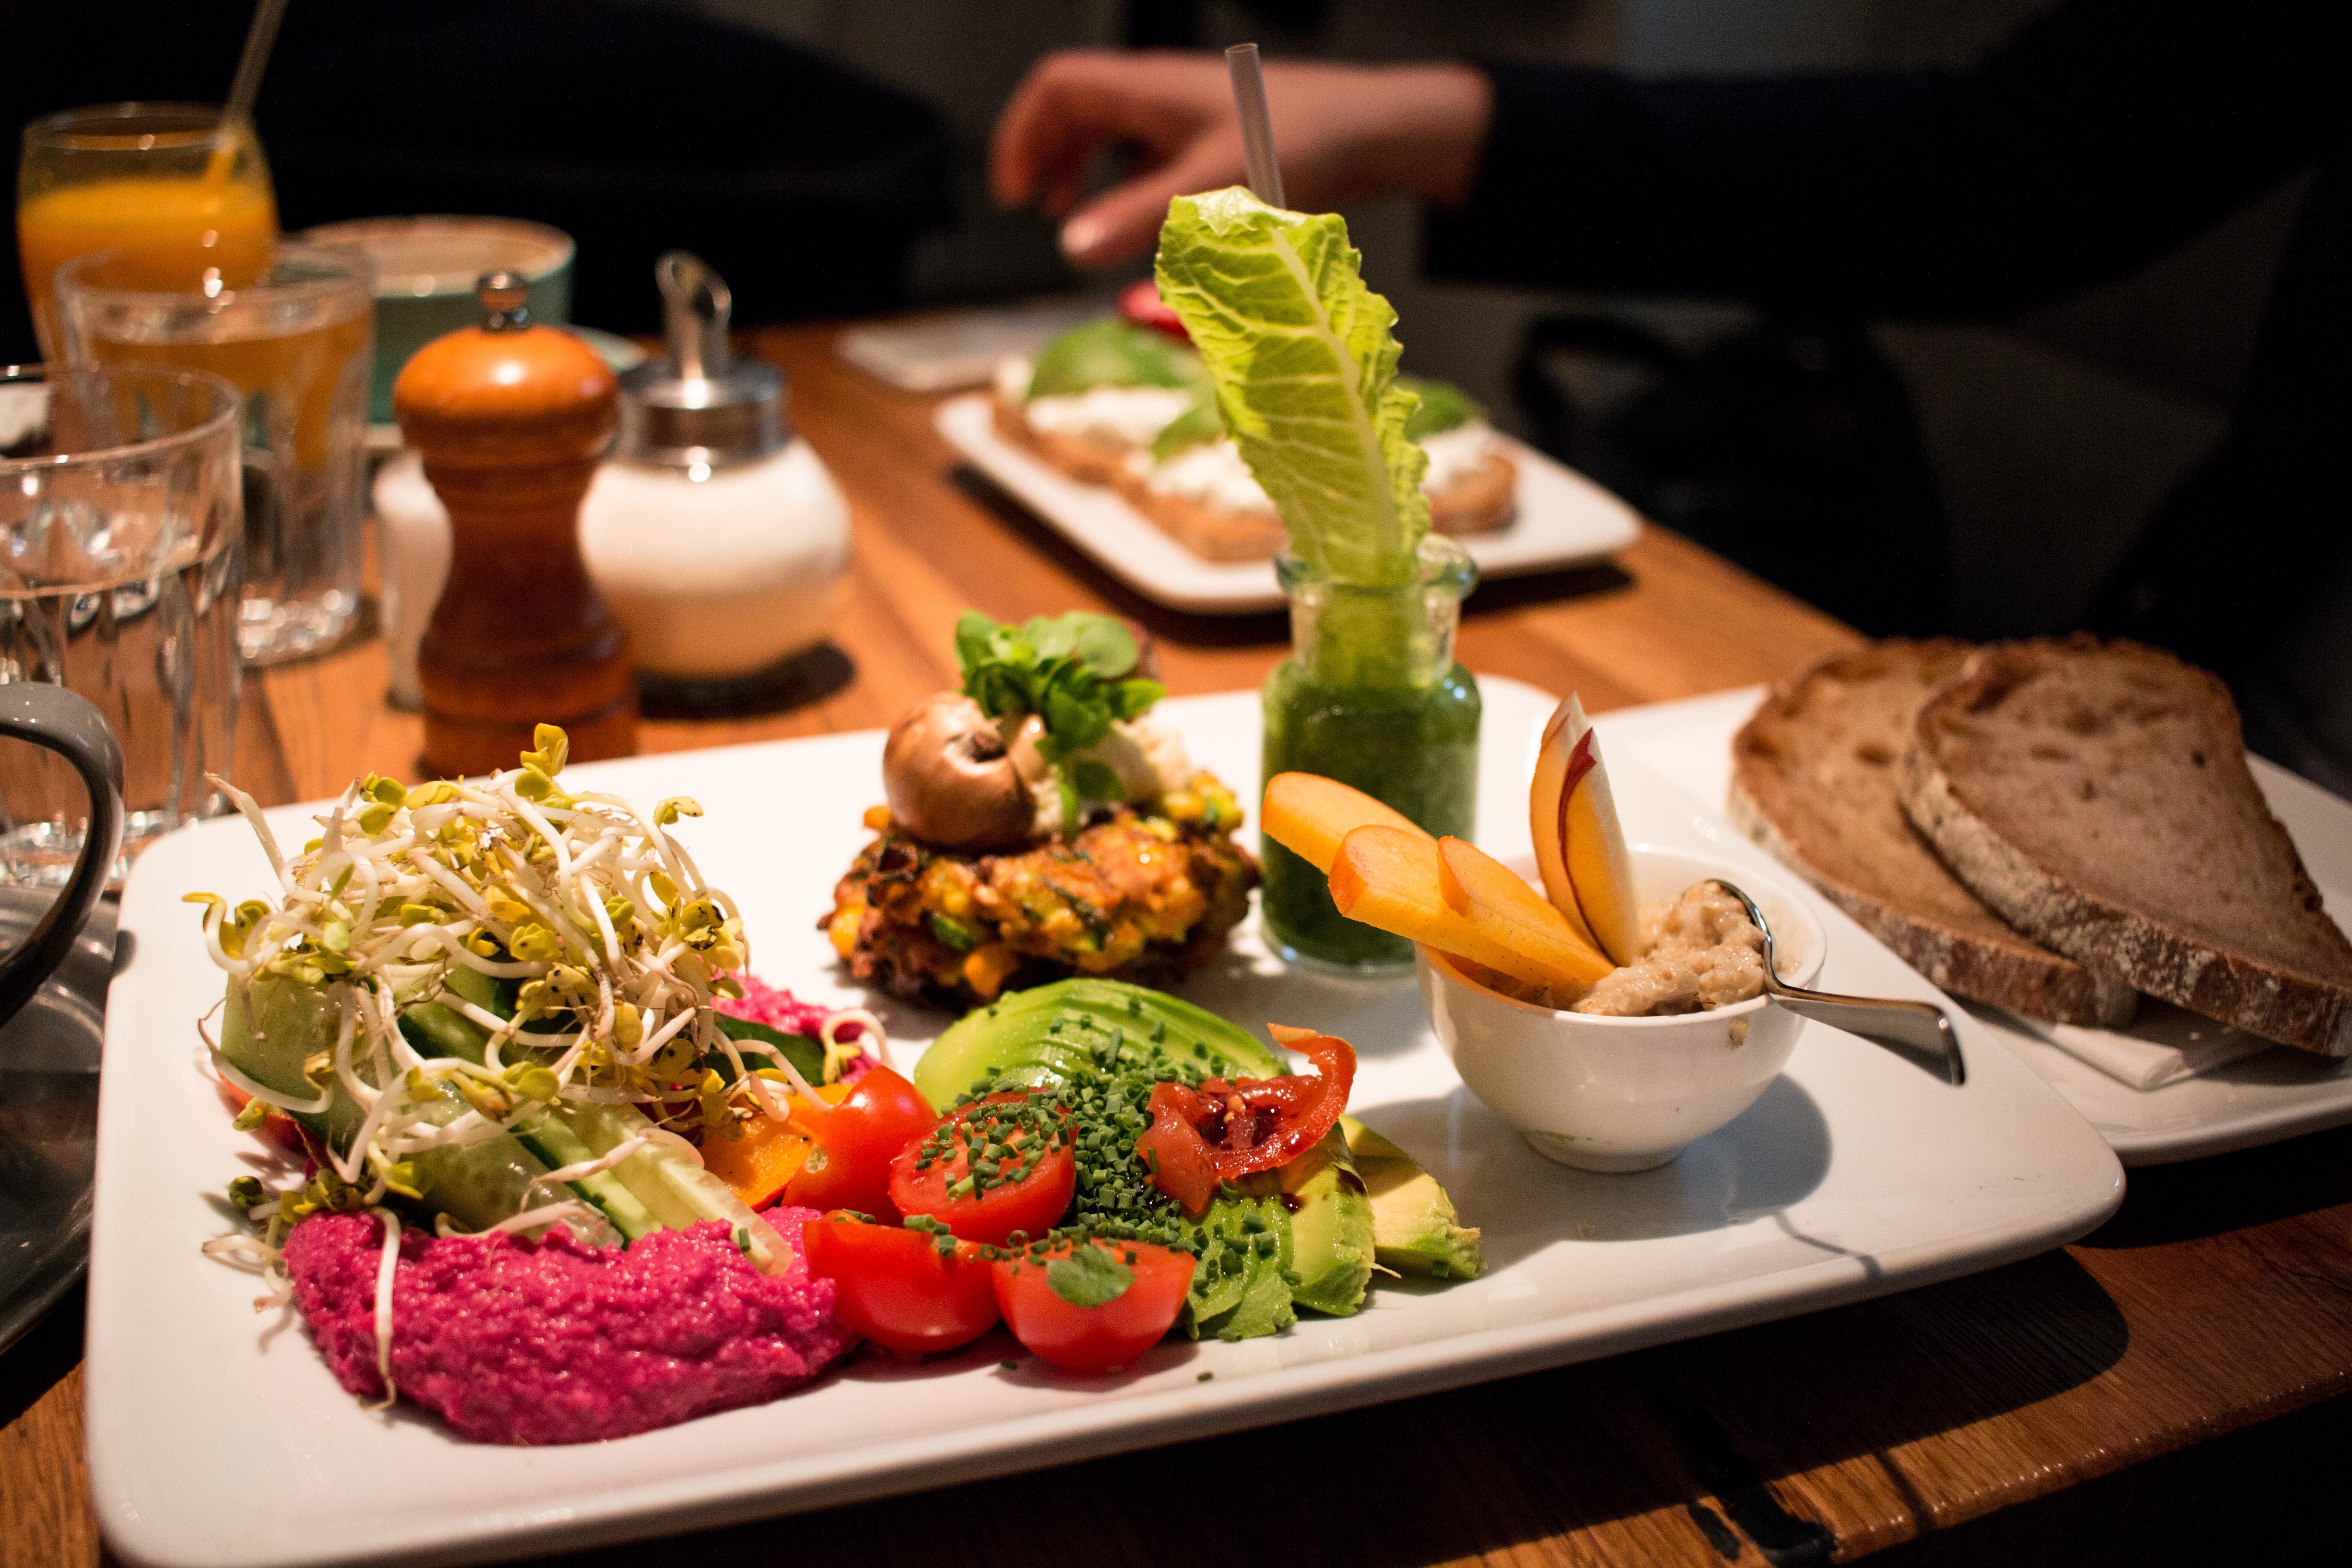 annalaurakummer, anna-laura kummer, österreichische bloggerin, vienna, restaurants, wien, breakfast, frühstück, food, where to eat, Ulrich